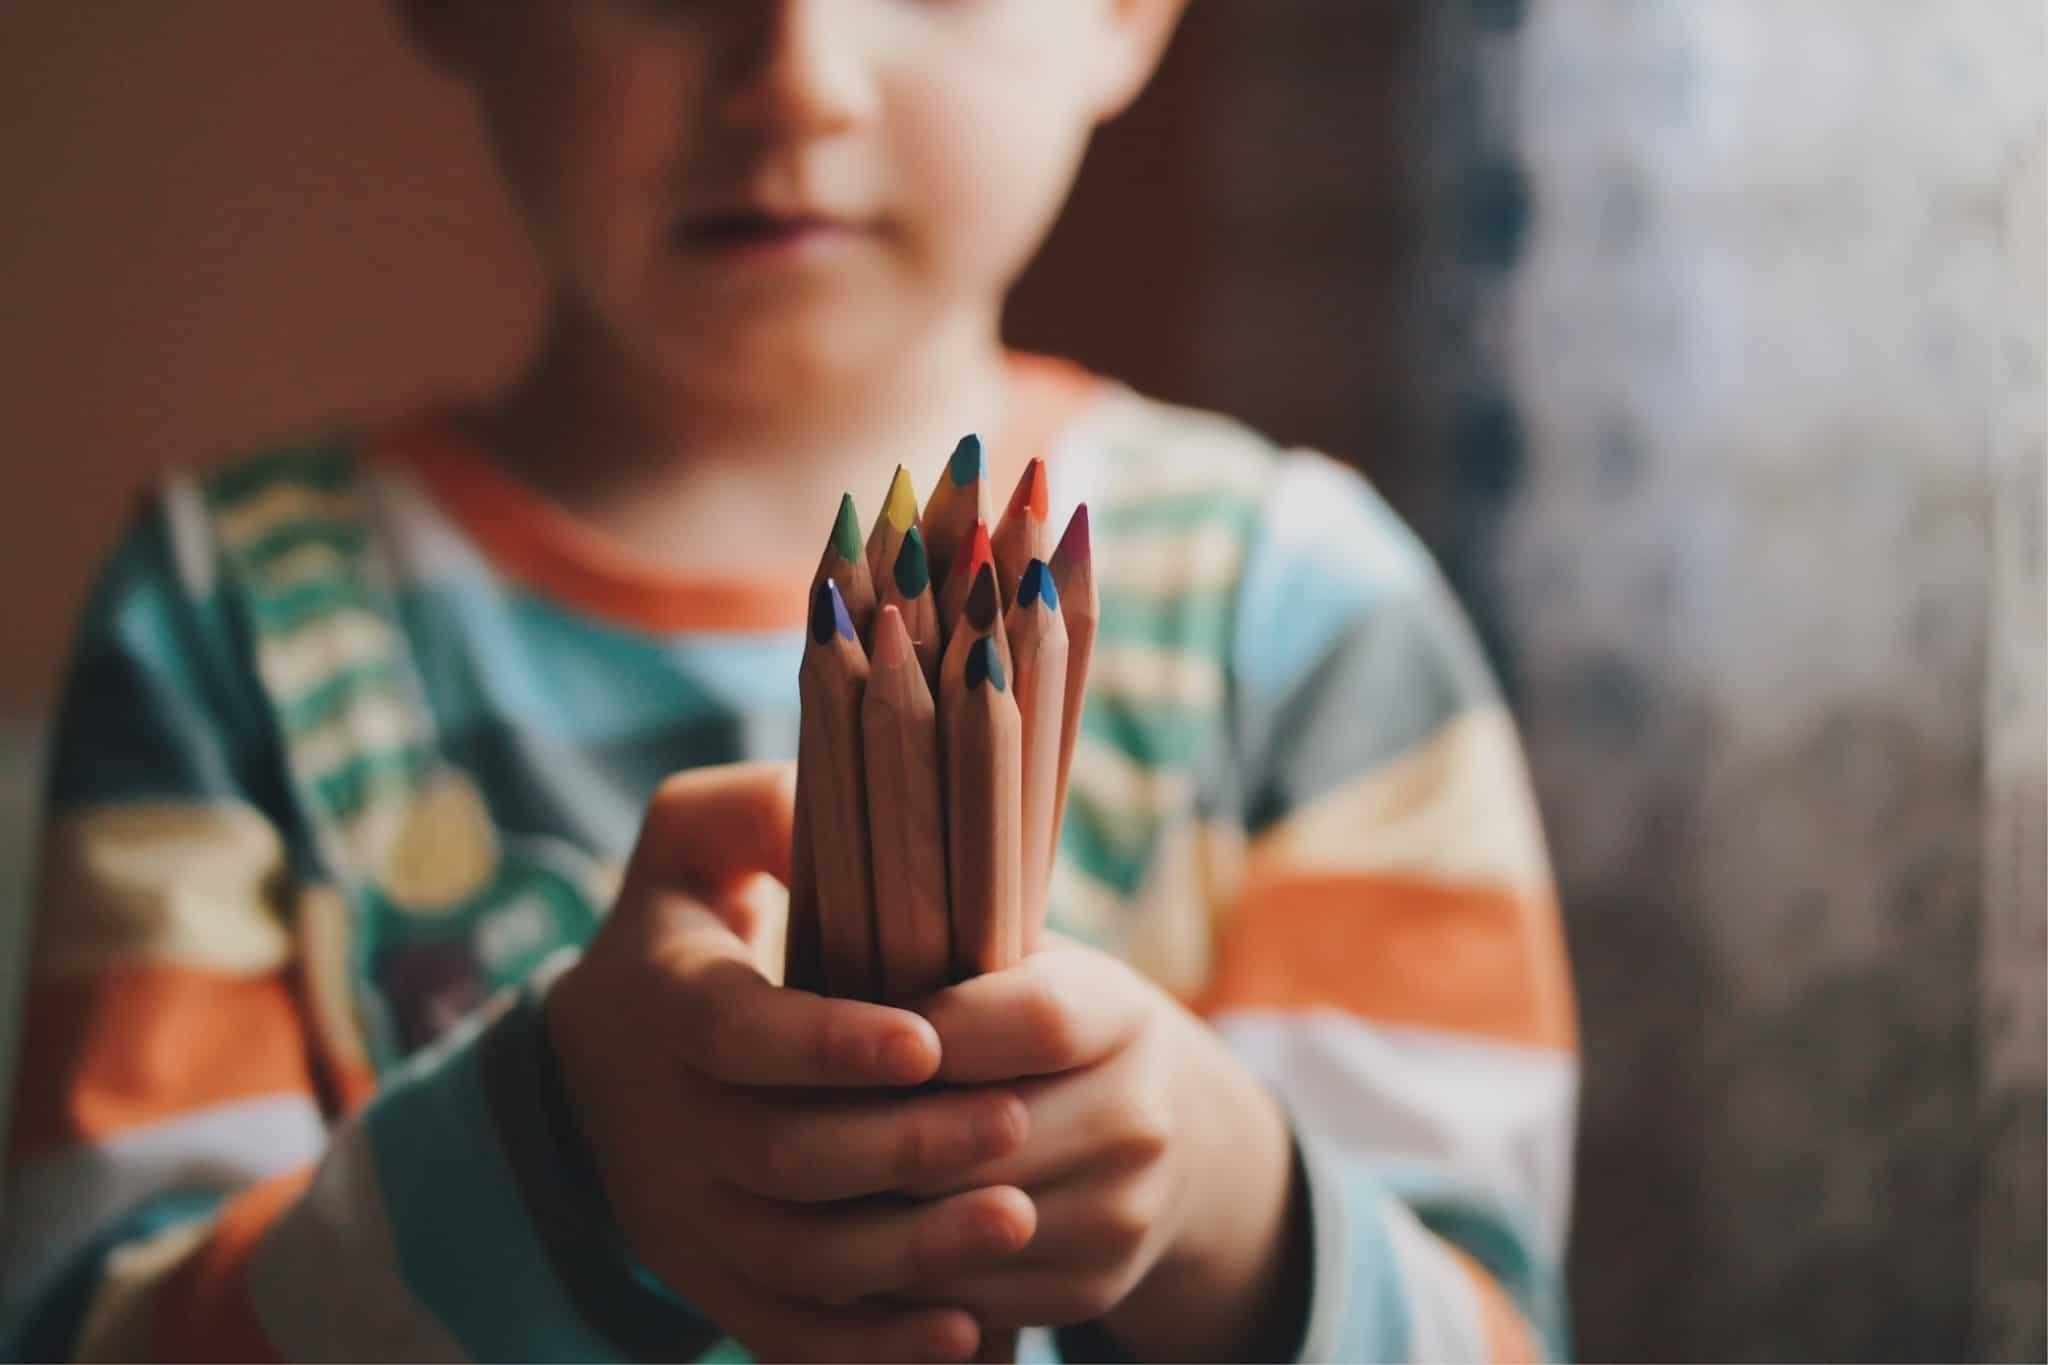 criança a segurar lápis de cor